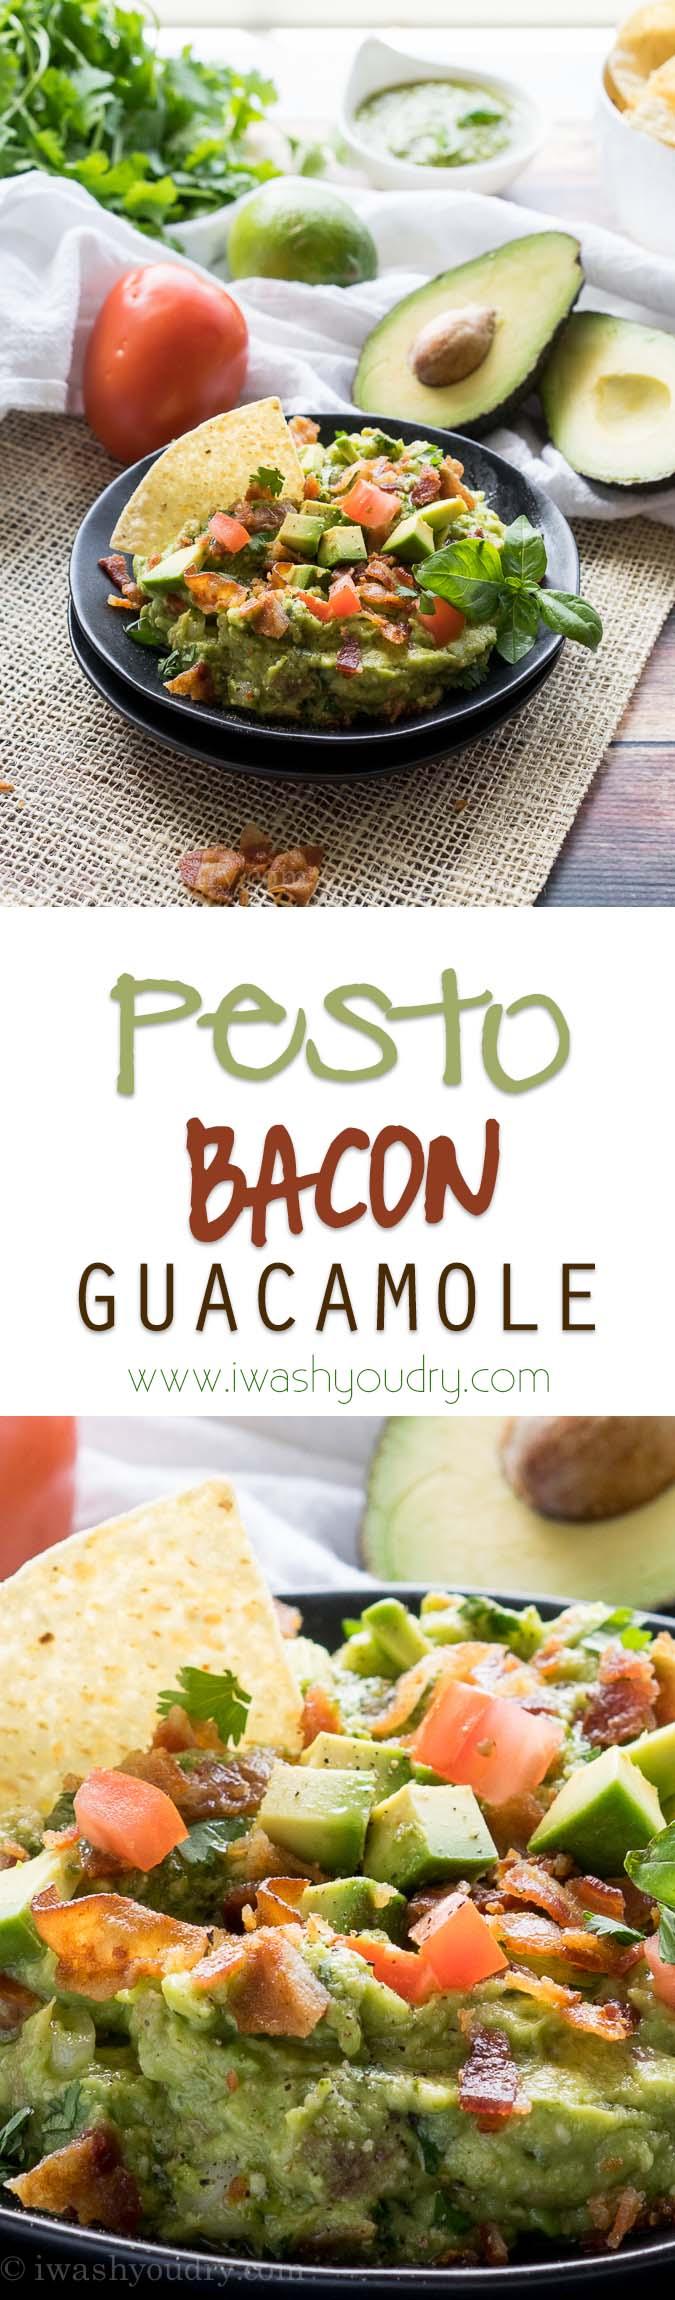 This Pesto Bacon Guacamole is such a fun way to make guacamole!